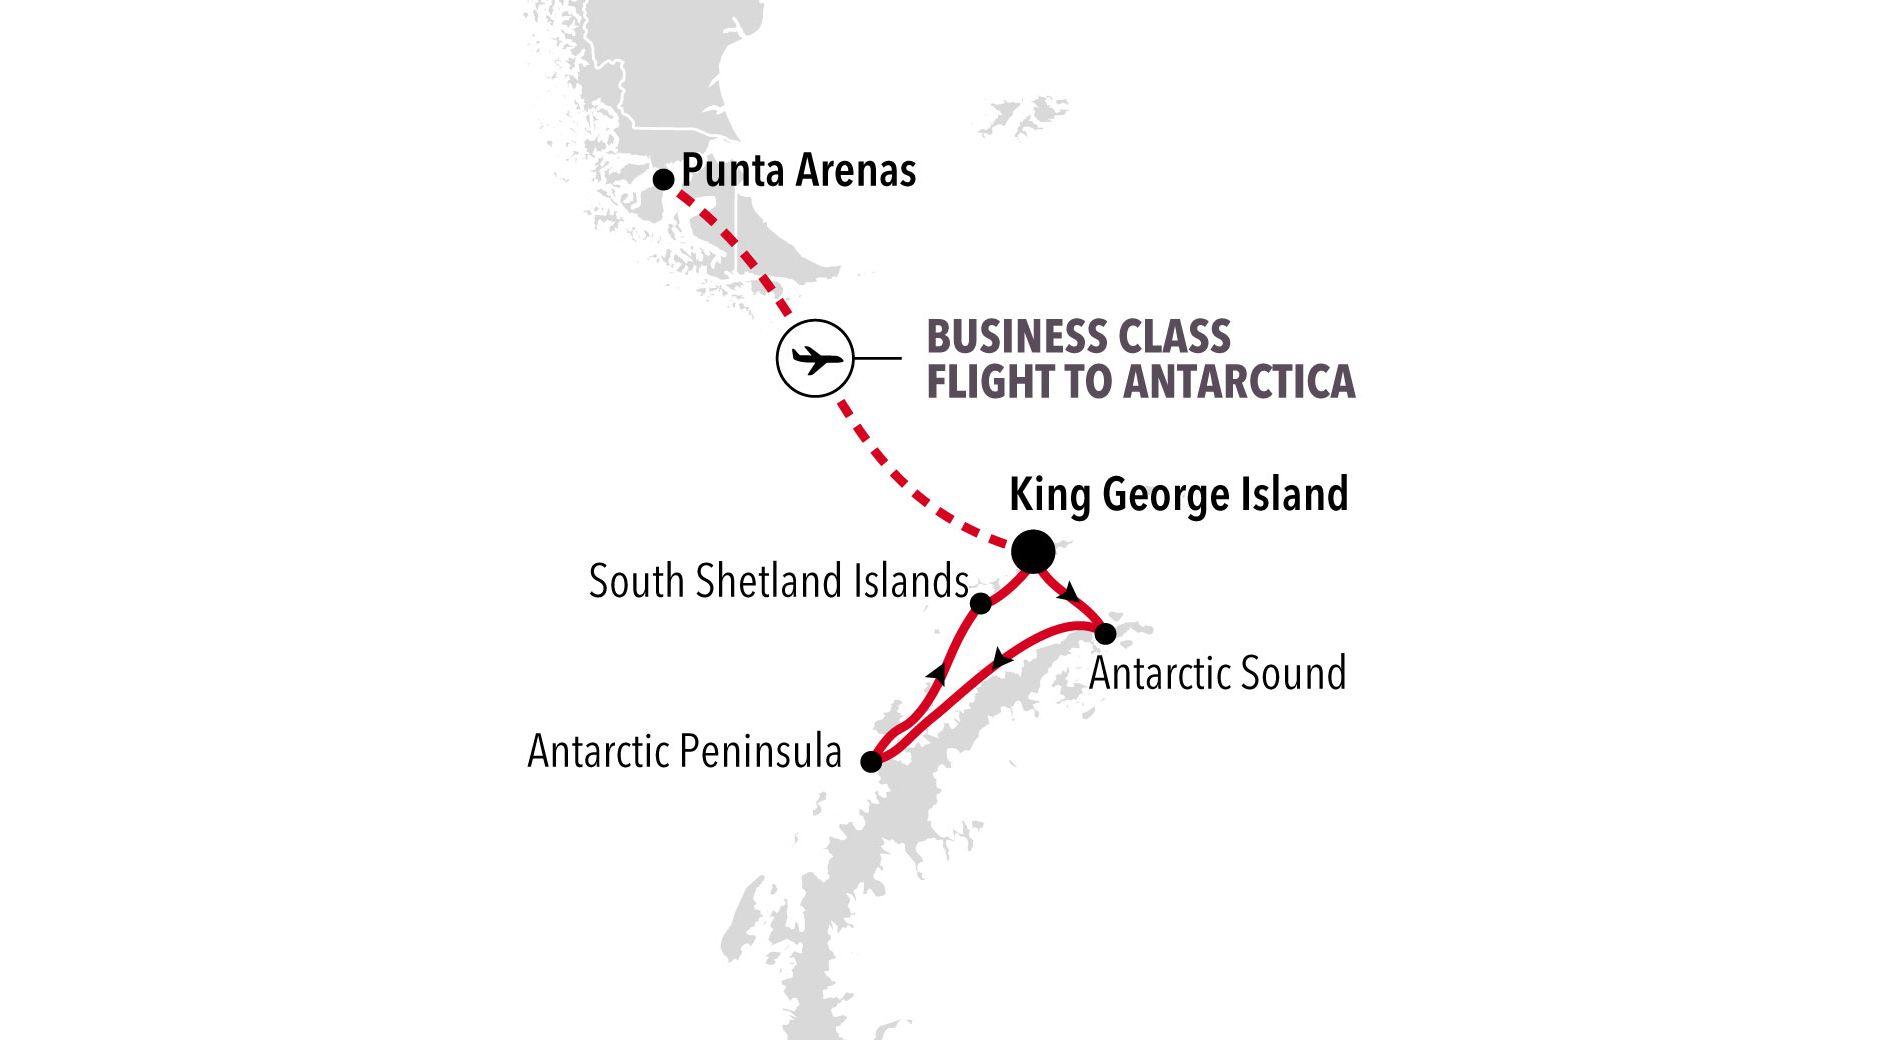 E1220317006 - King George Island à King George Island